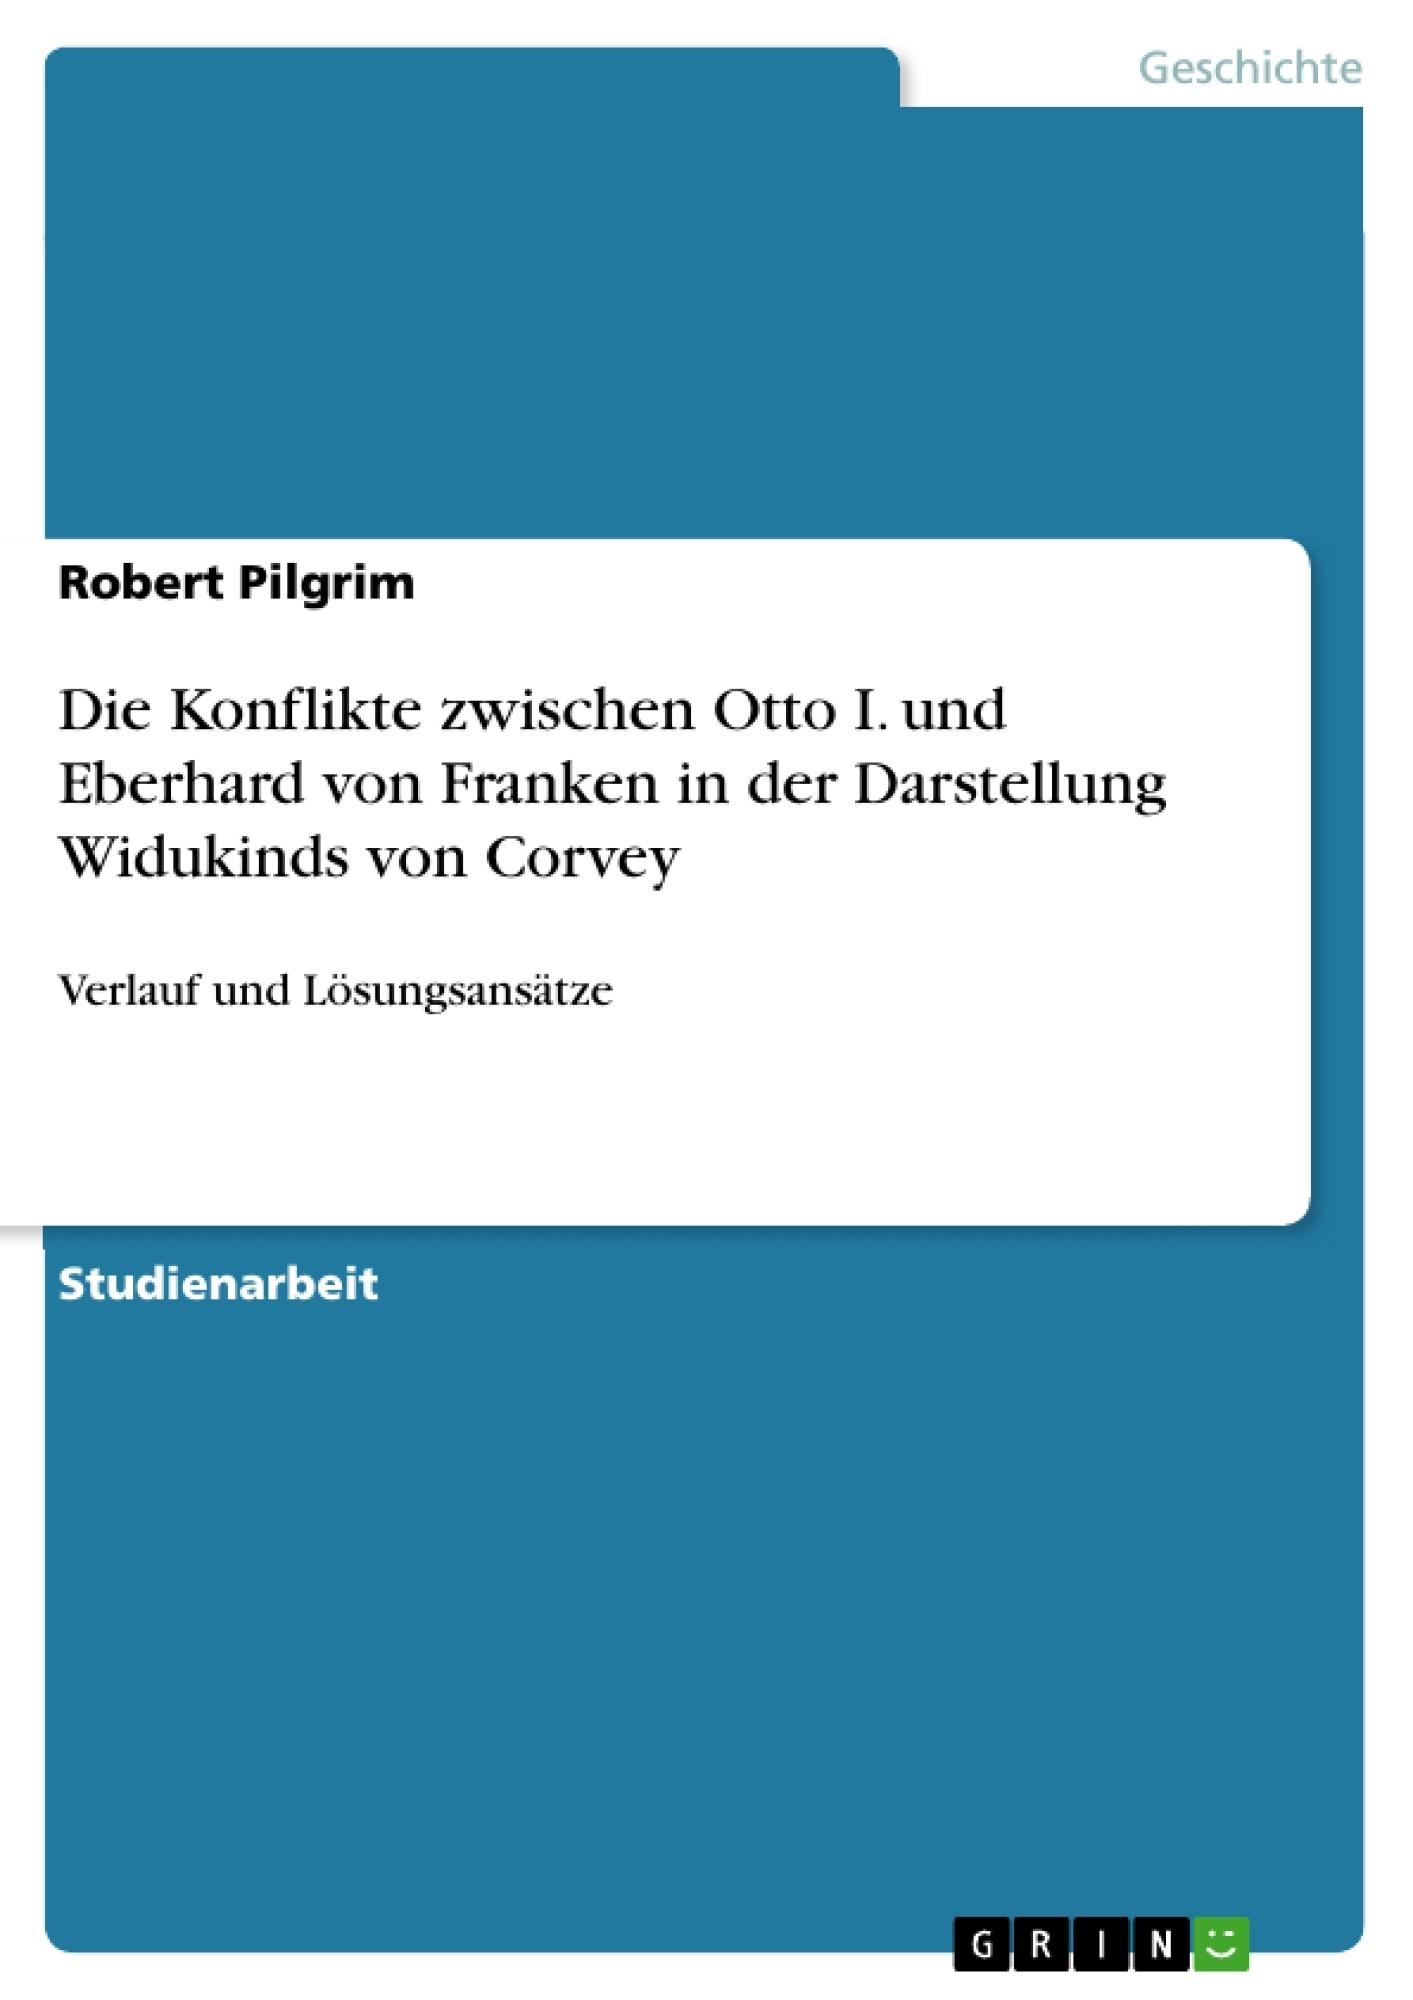 Titel: Die Konflikte zwischen Otto I. und Eberhard von Franken in der Darstellung Widukinds von Corvey